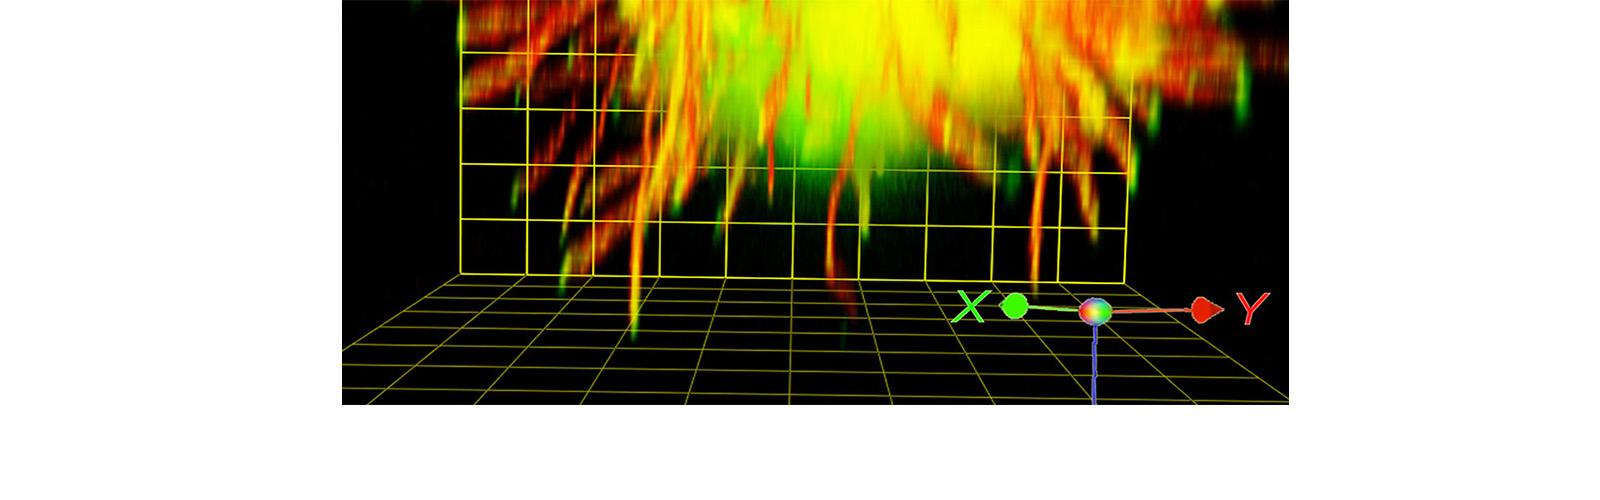 3d axon guidance